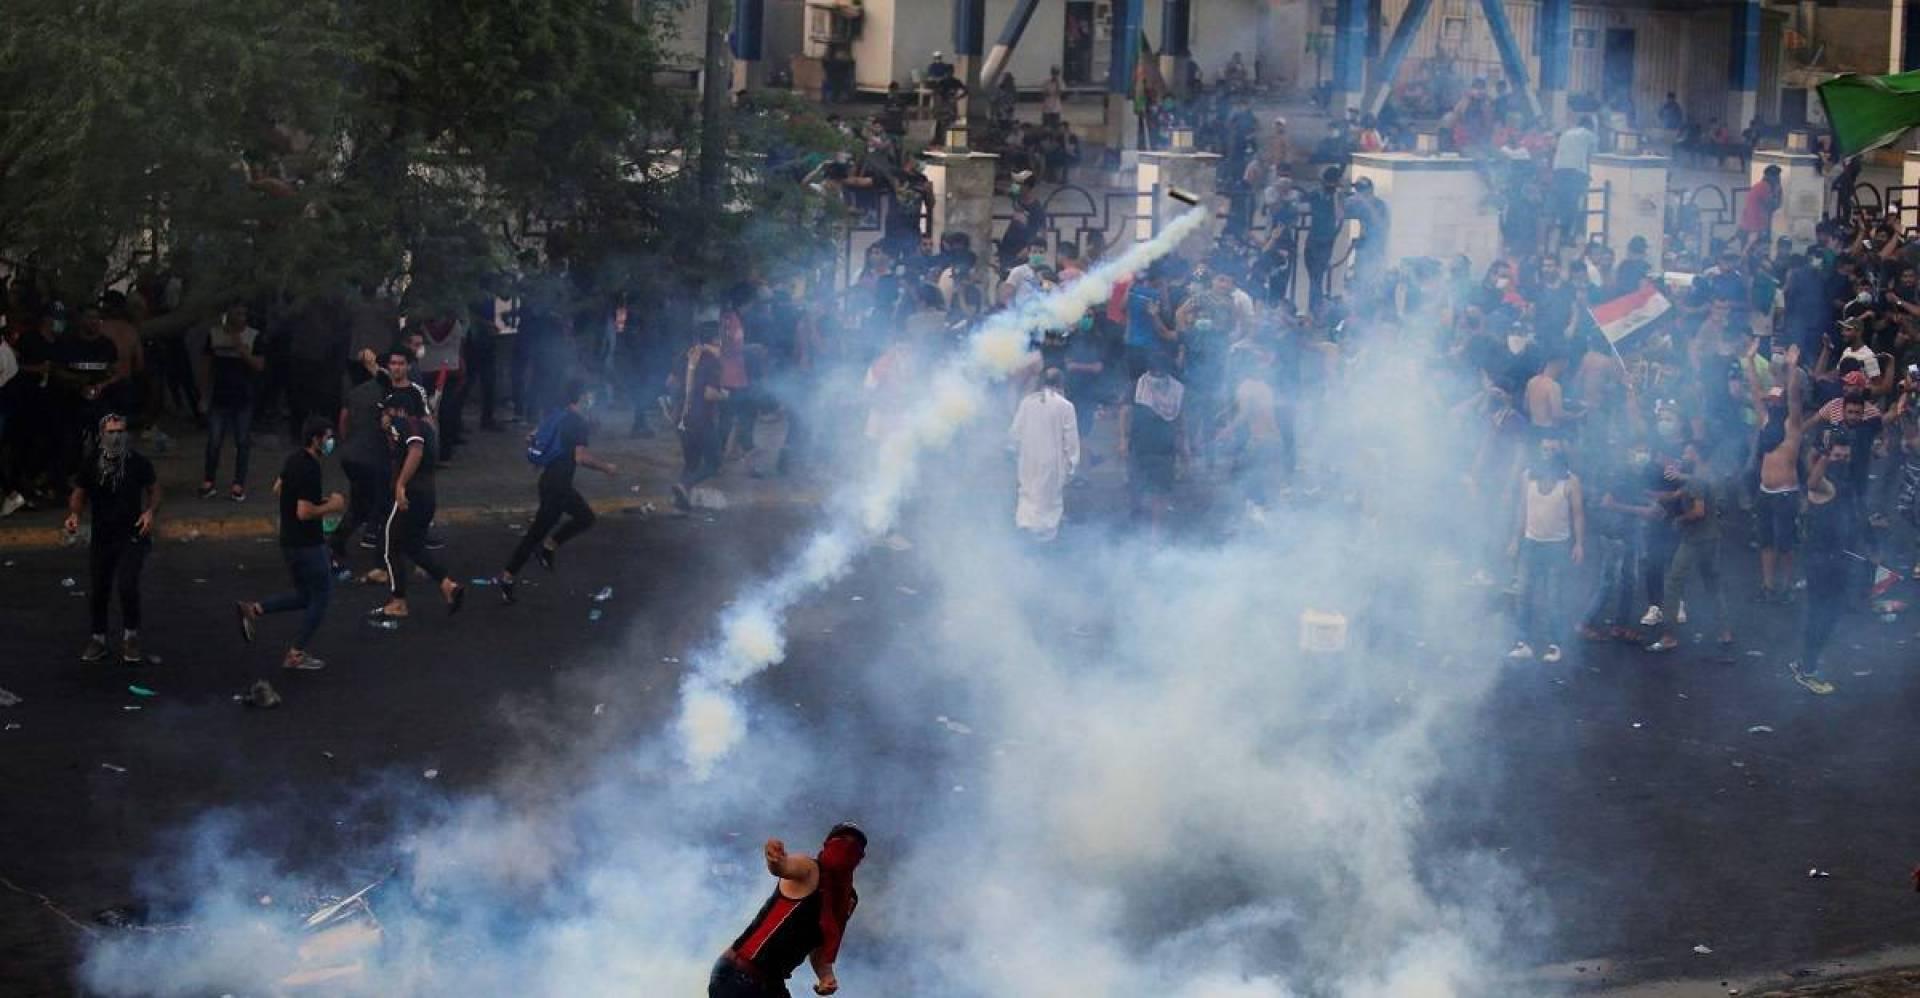 رويترز: اكثر من 20 قتيلا وجريحا باشتباكات بين المحتجين والشرطة في مدينة الصدر